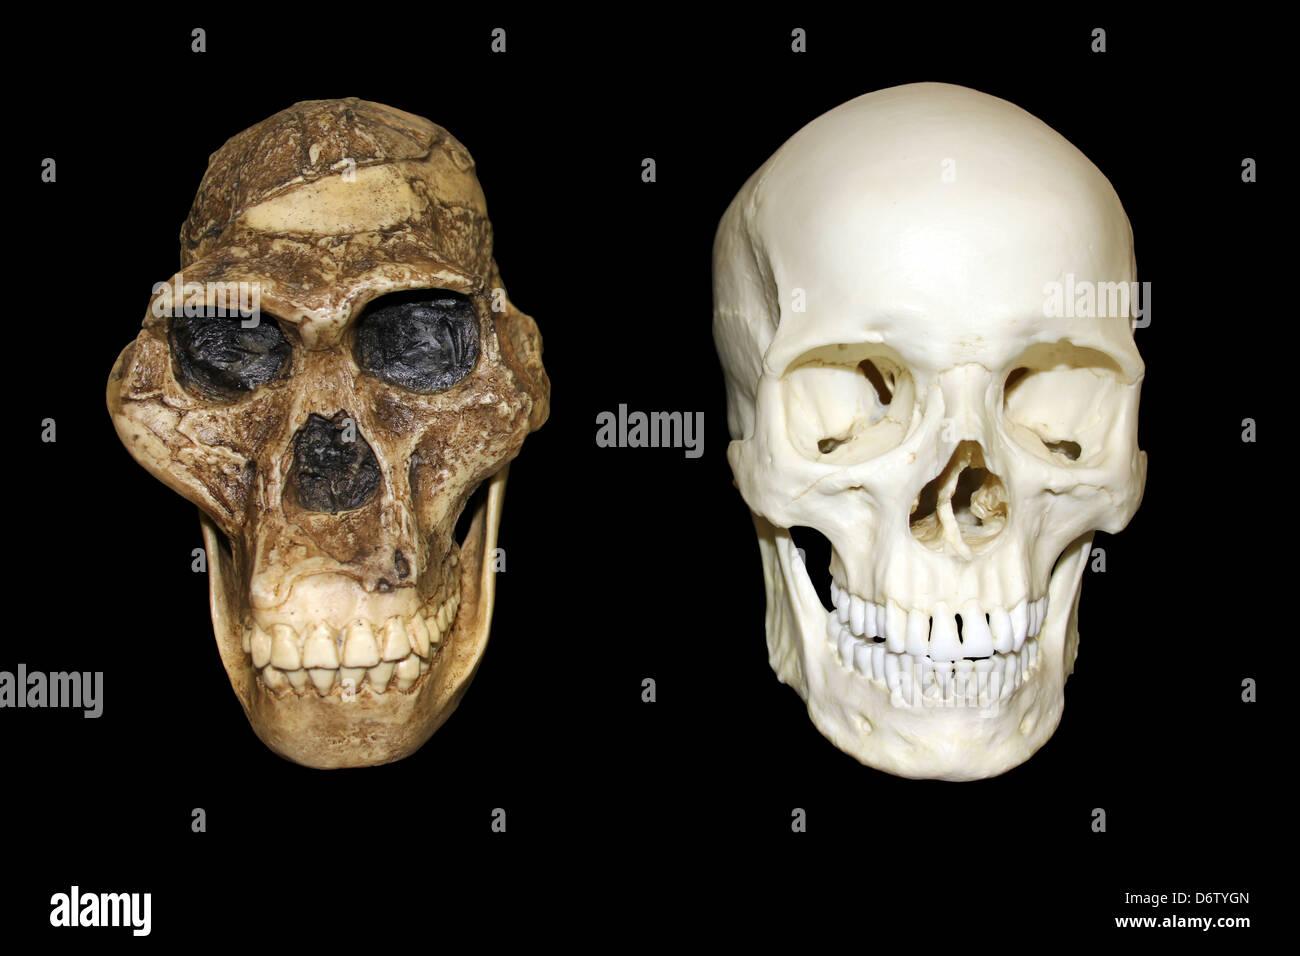 Australopithecus africanus Skull Sts 5 'Mrs. Ples' vs Homo sapiens Skull - Stock Image